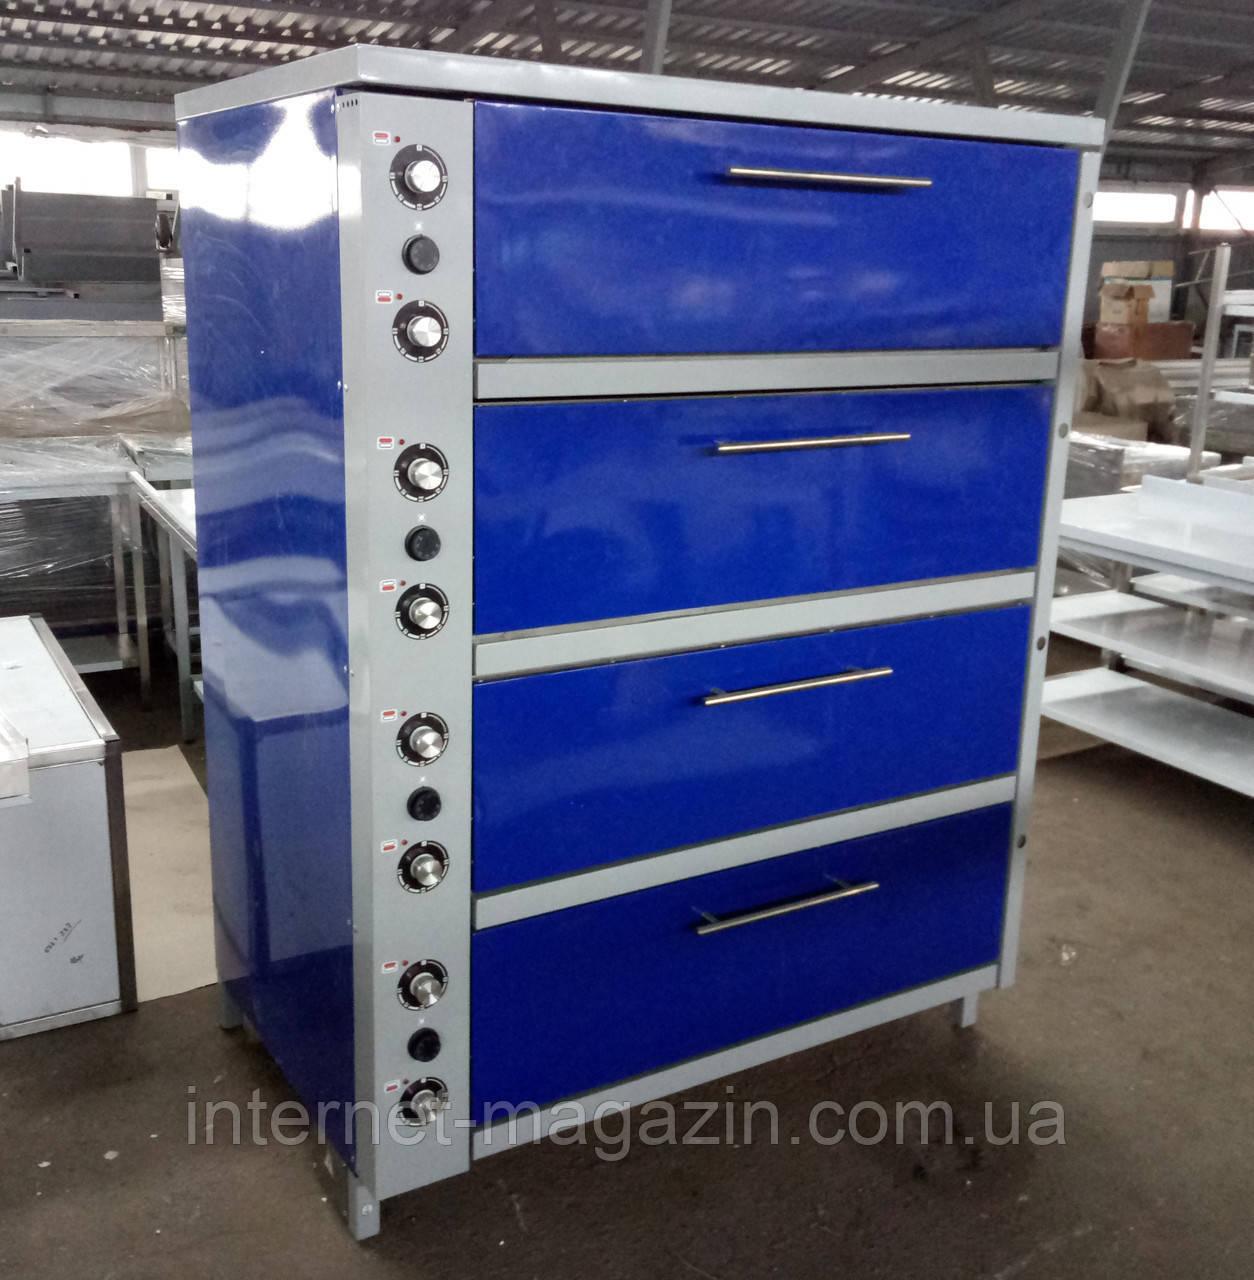 Шкаф пекарский промышленный ШПЭ-4